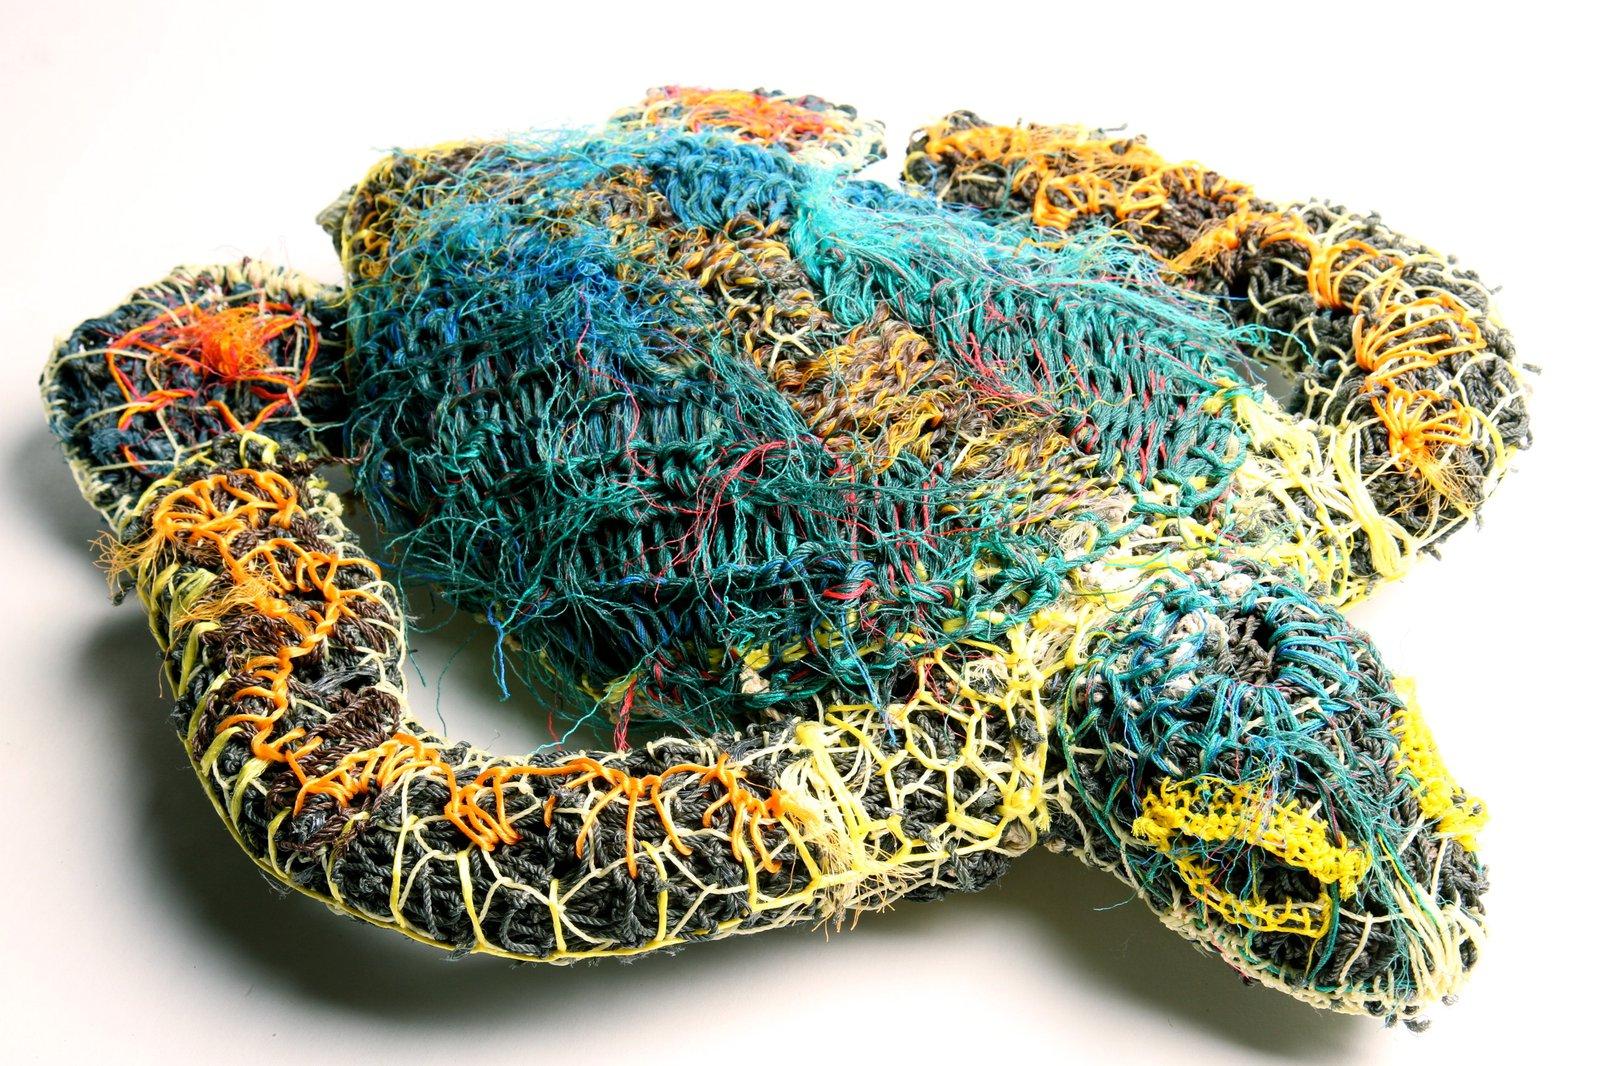 E095503 - Ghost Net Turtle